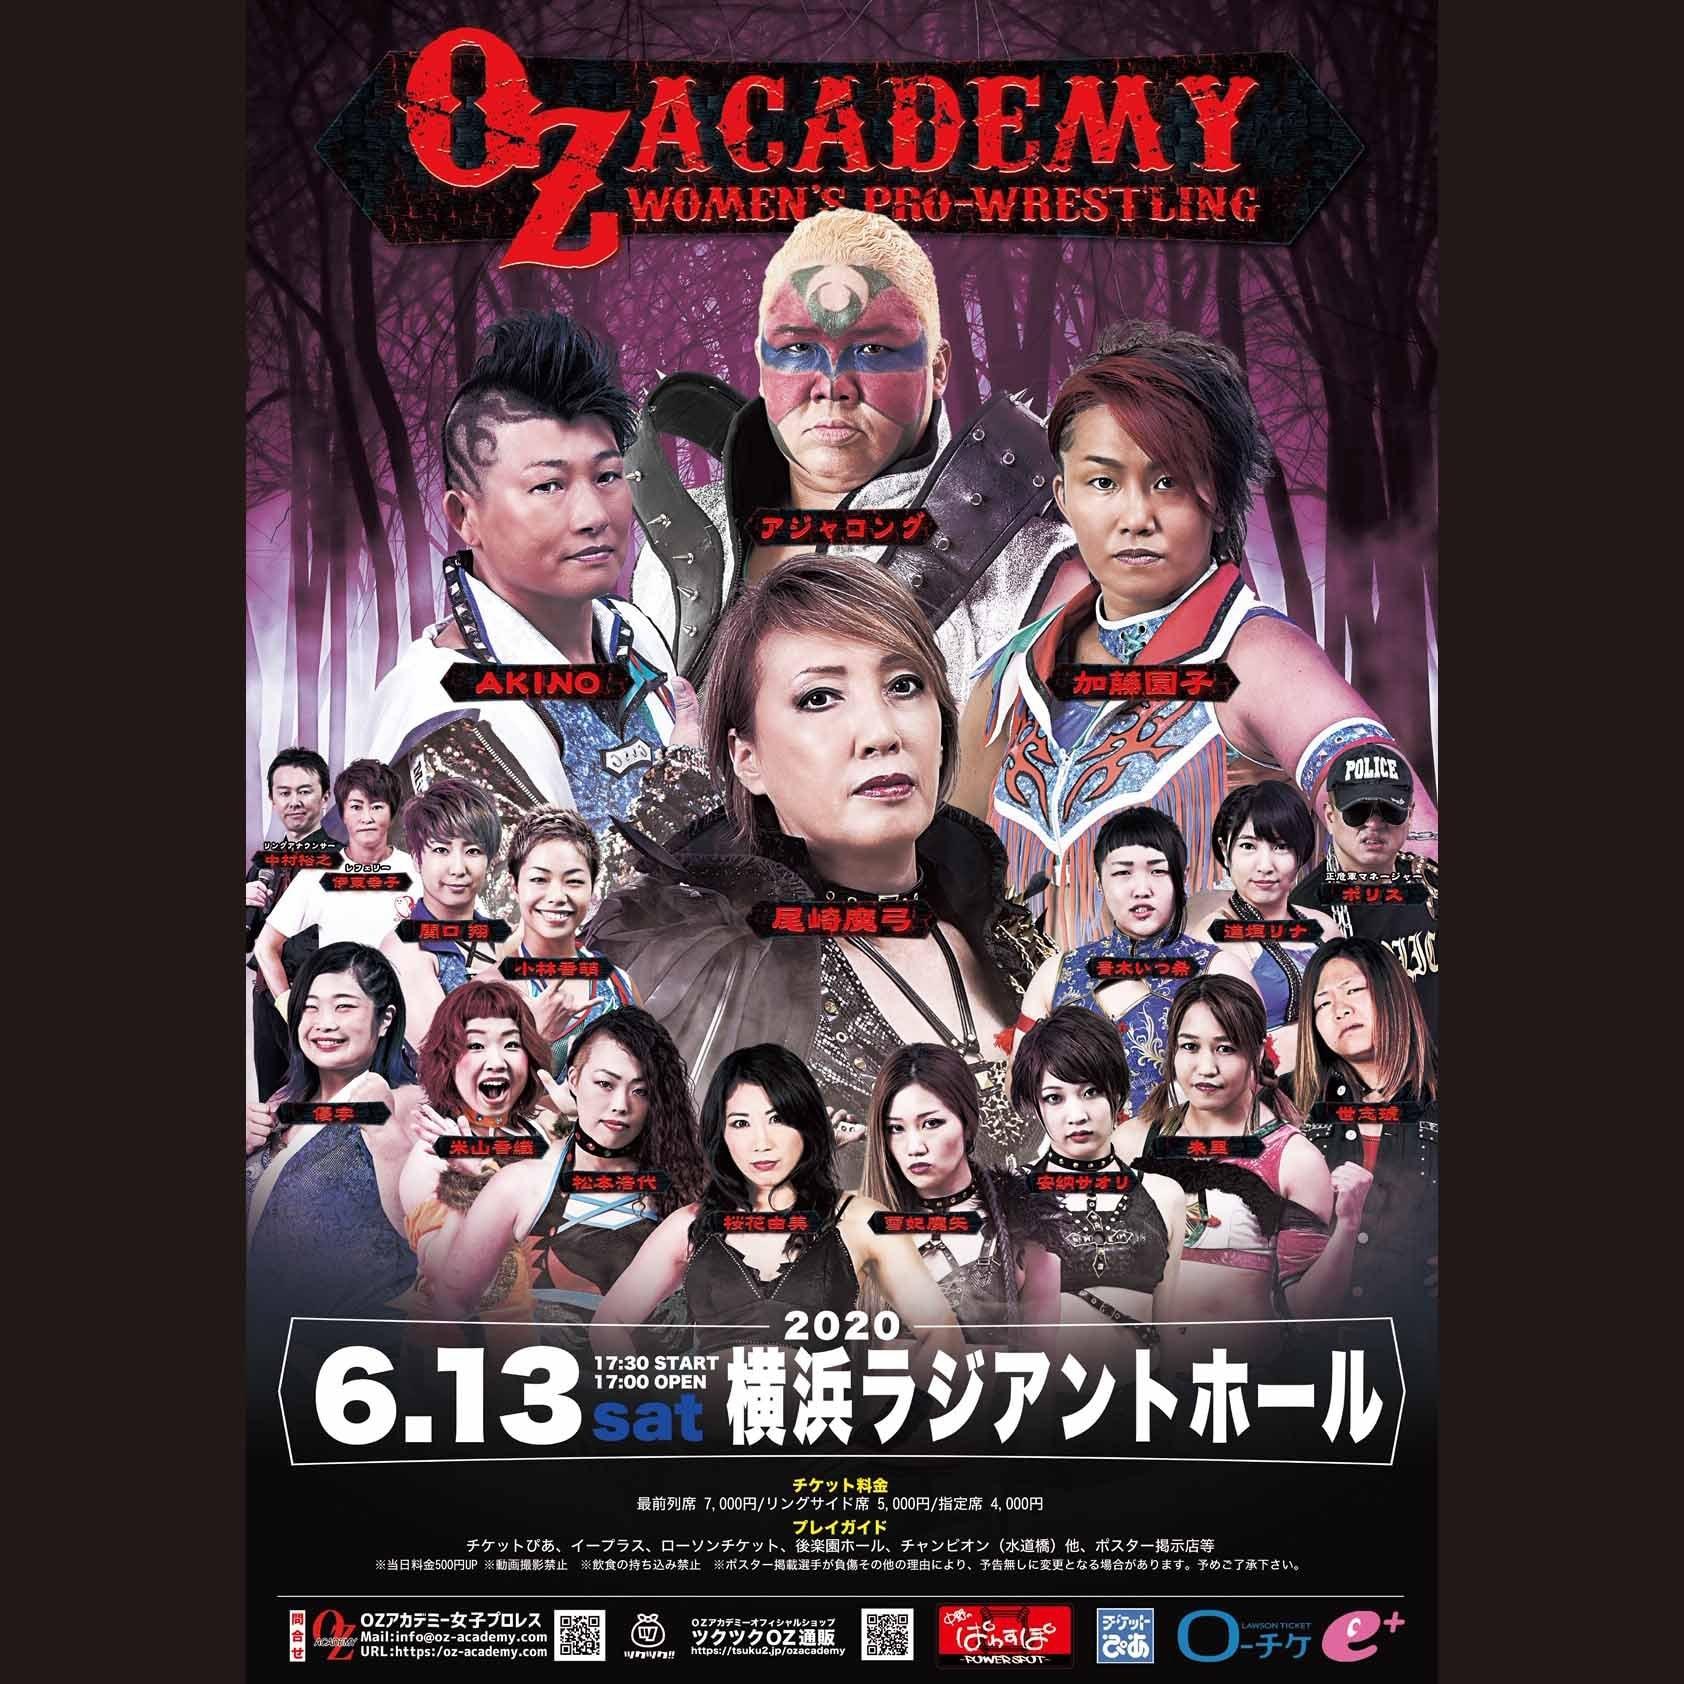 6月13日(土)横浜 ラジアントホール[リングサイド席]のイメージその1